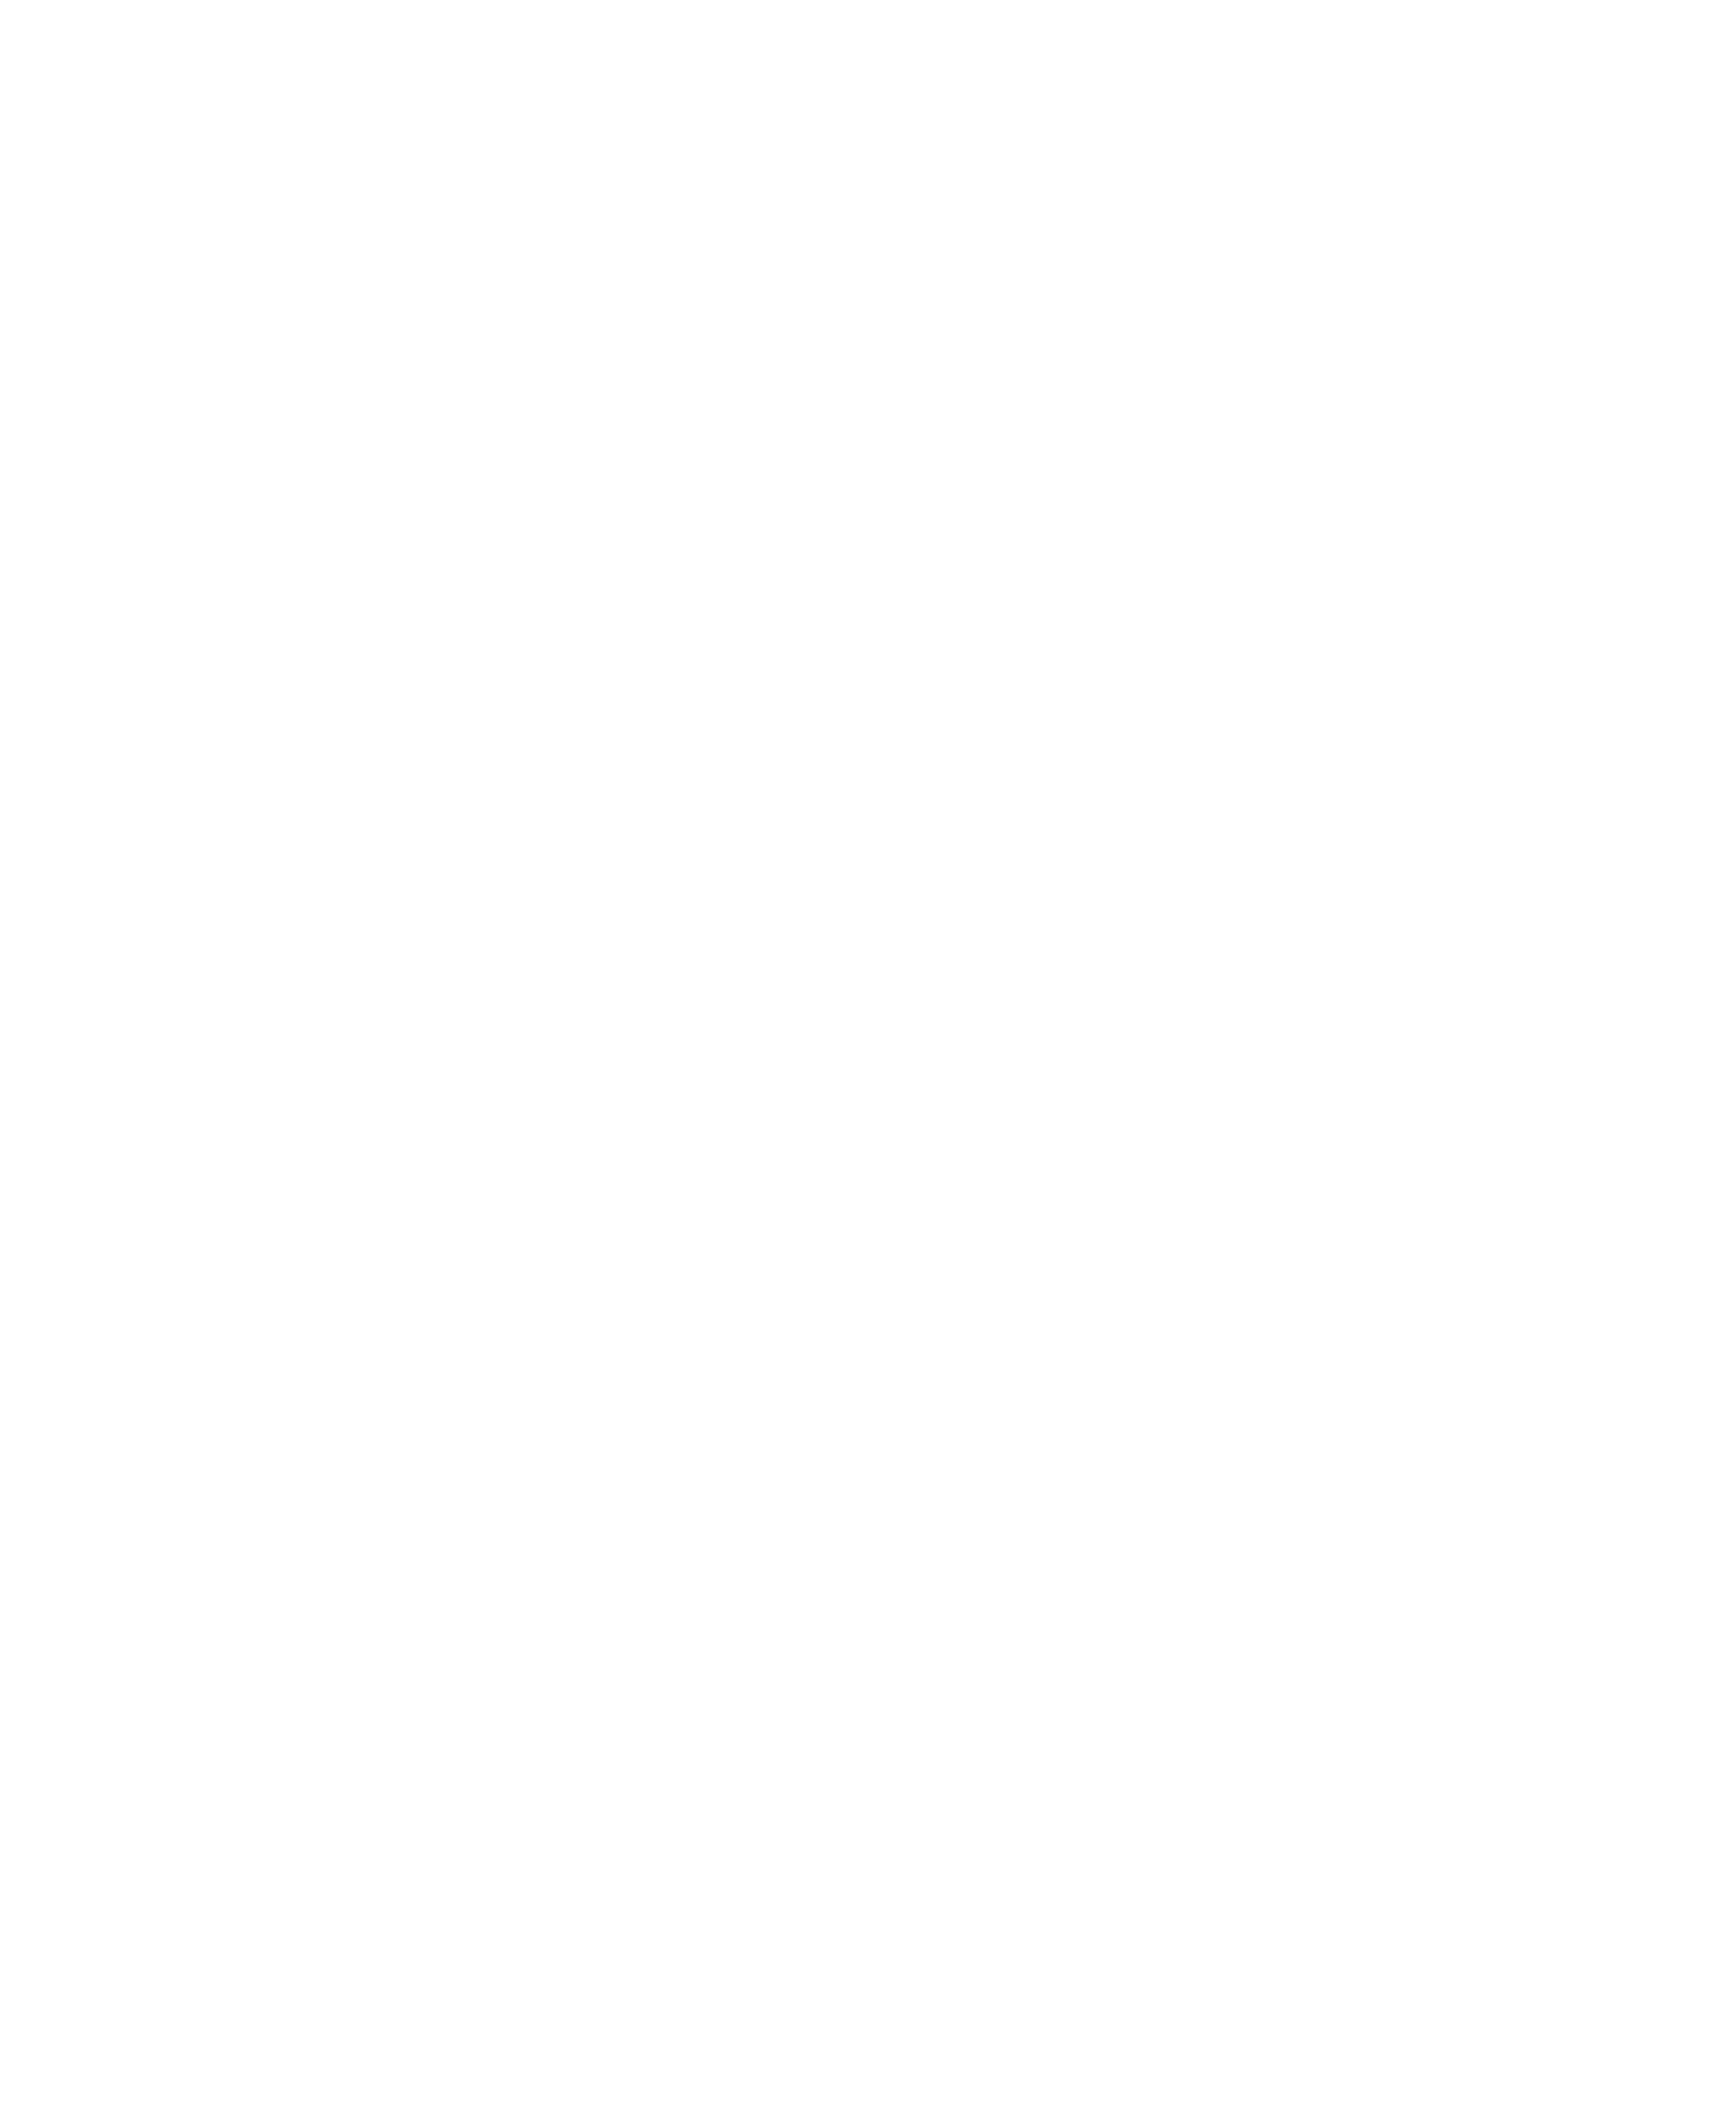 Yellow Bird Visuals